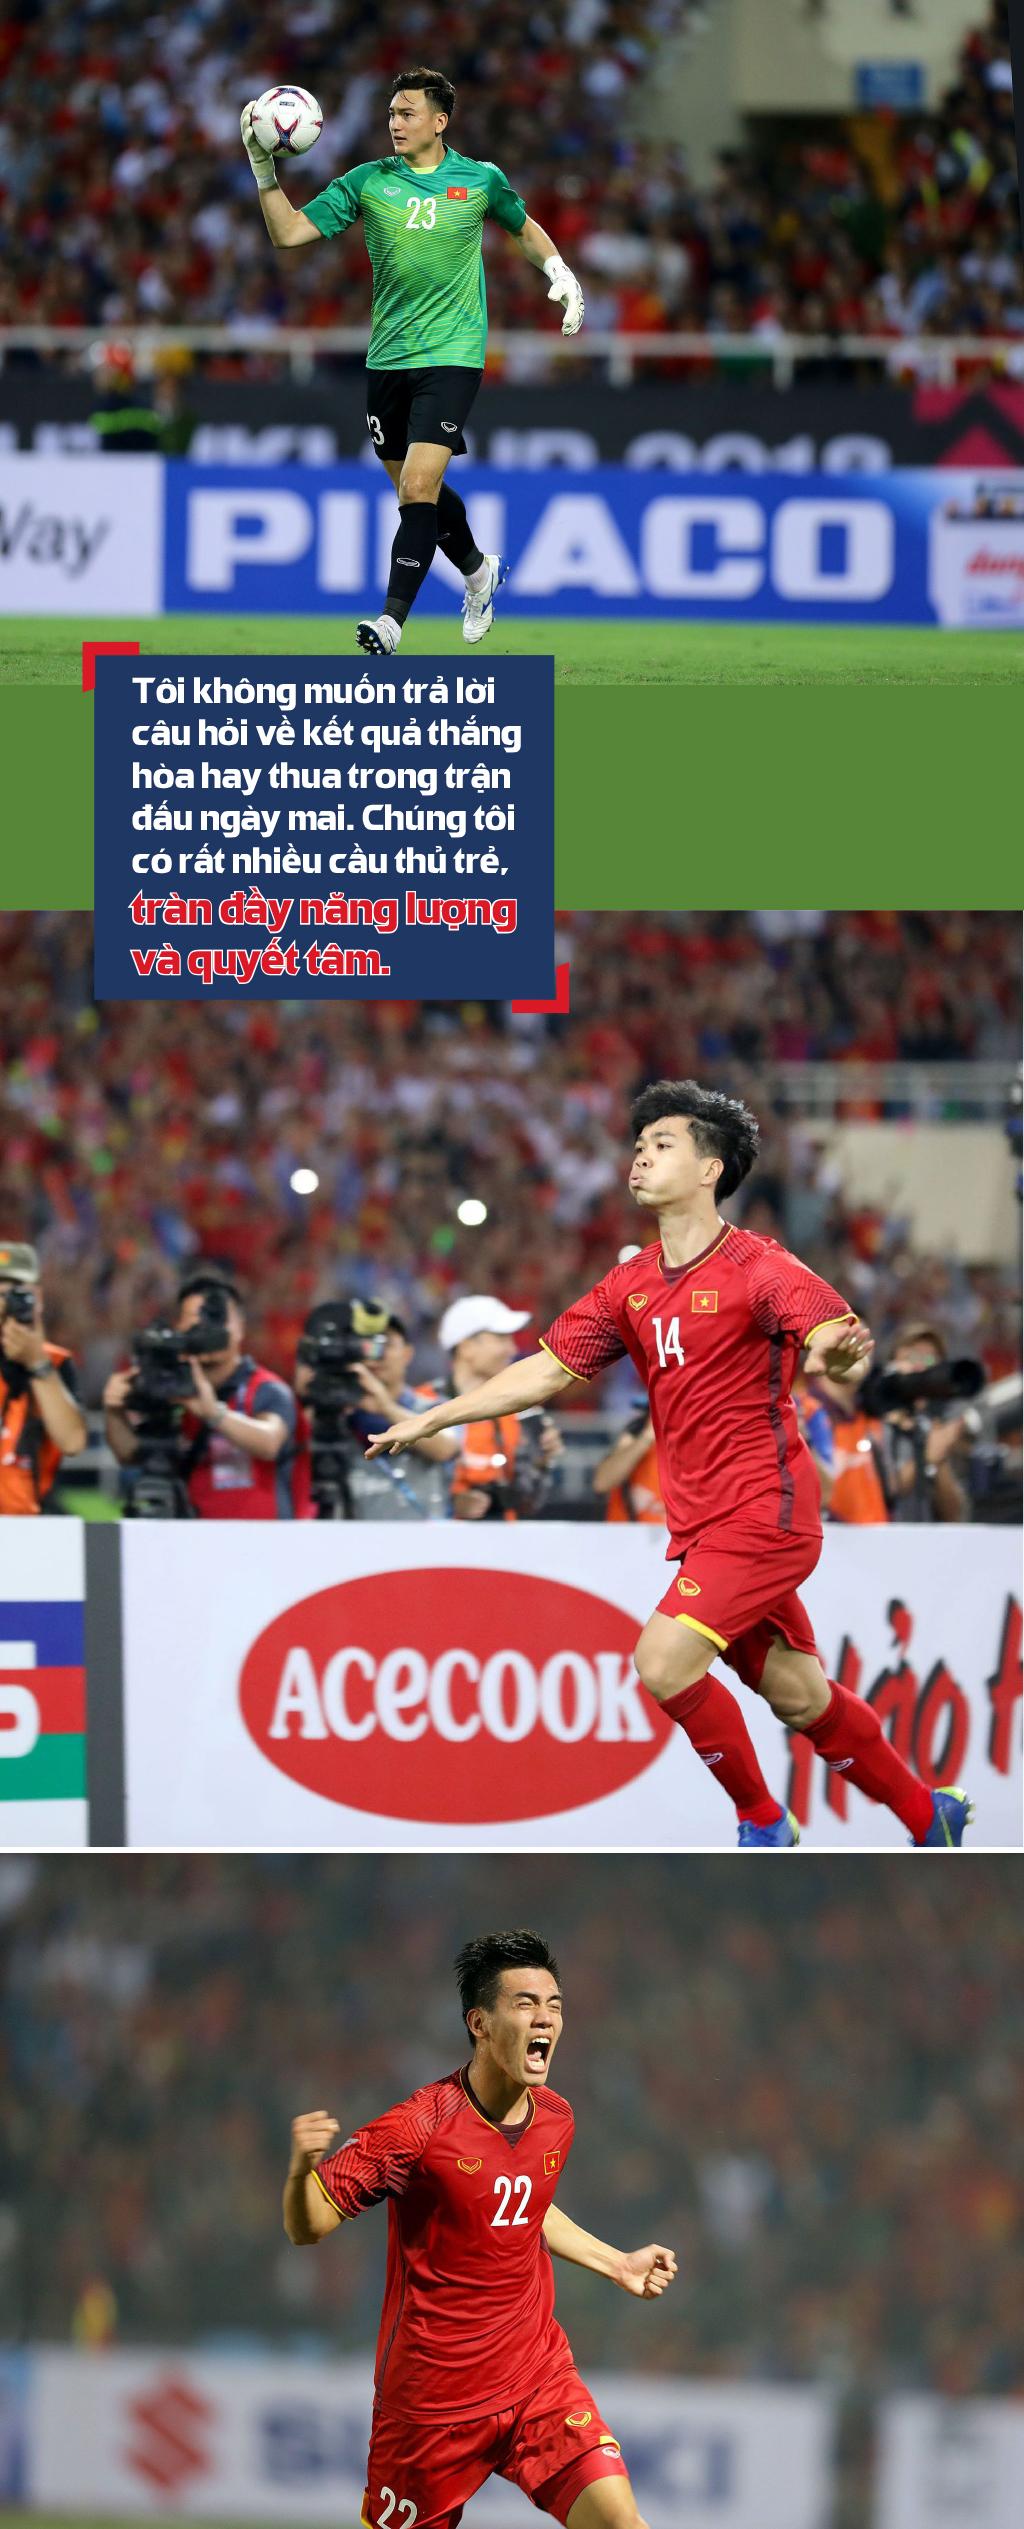 Chung kết lượt đi AFF Cup 2018, Malaysia - Việt Nam: Cuộc chiến không khoan nhượng ảnh 2